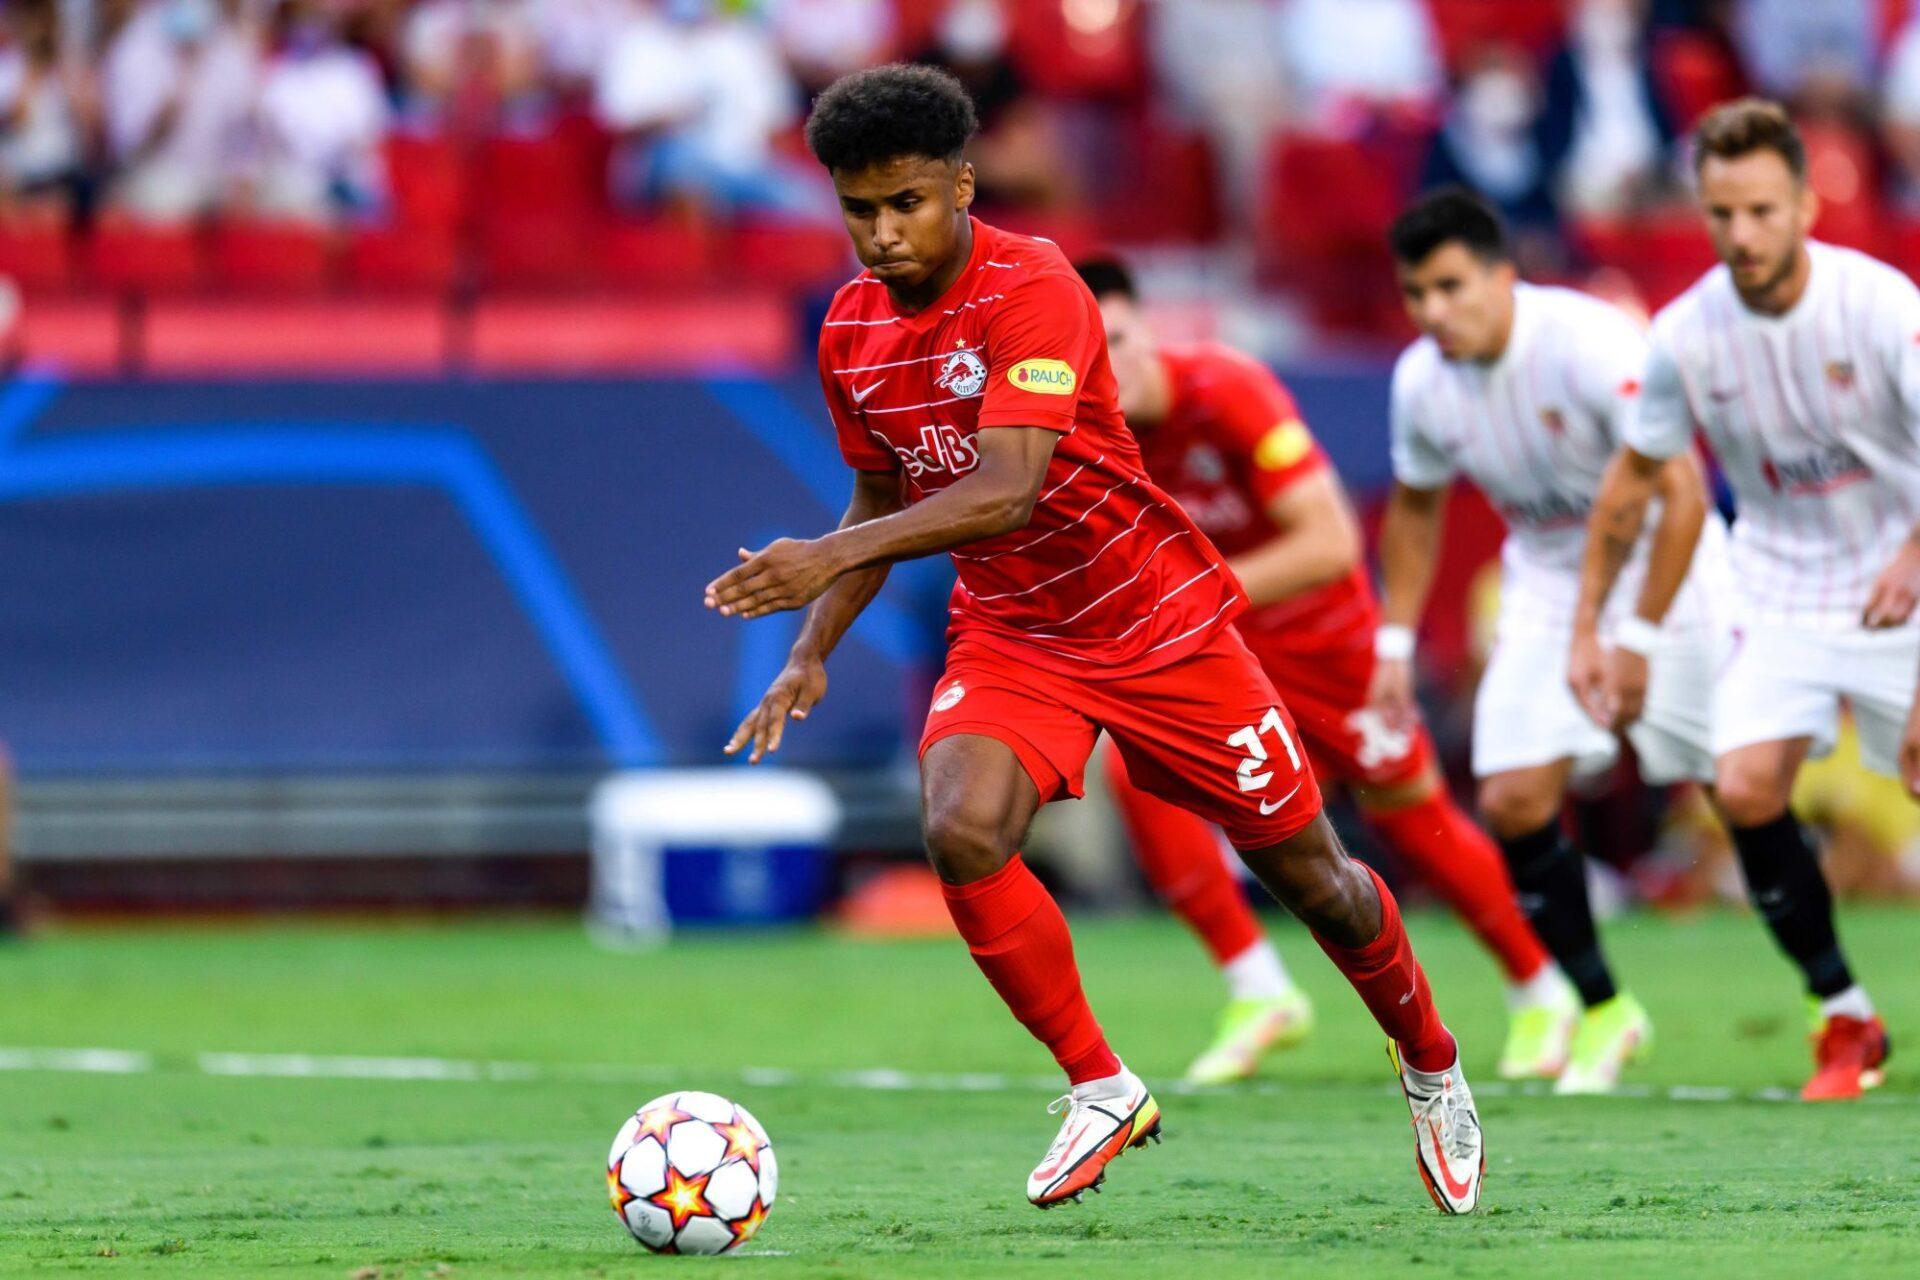 Le RB Salzbourg du prodige Karim Adeyemi est redoutable à domicile en Ligue des champions. Icon Sport